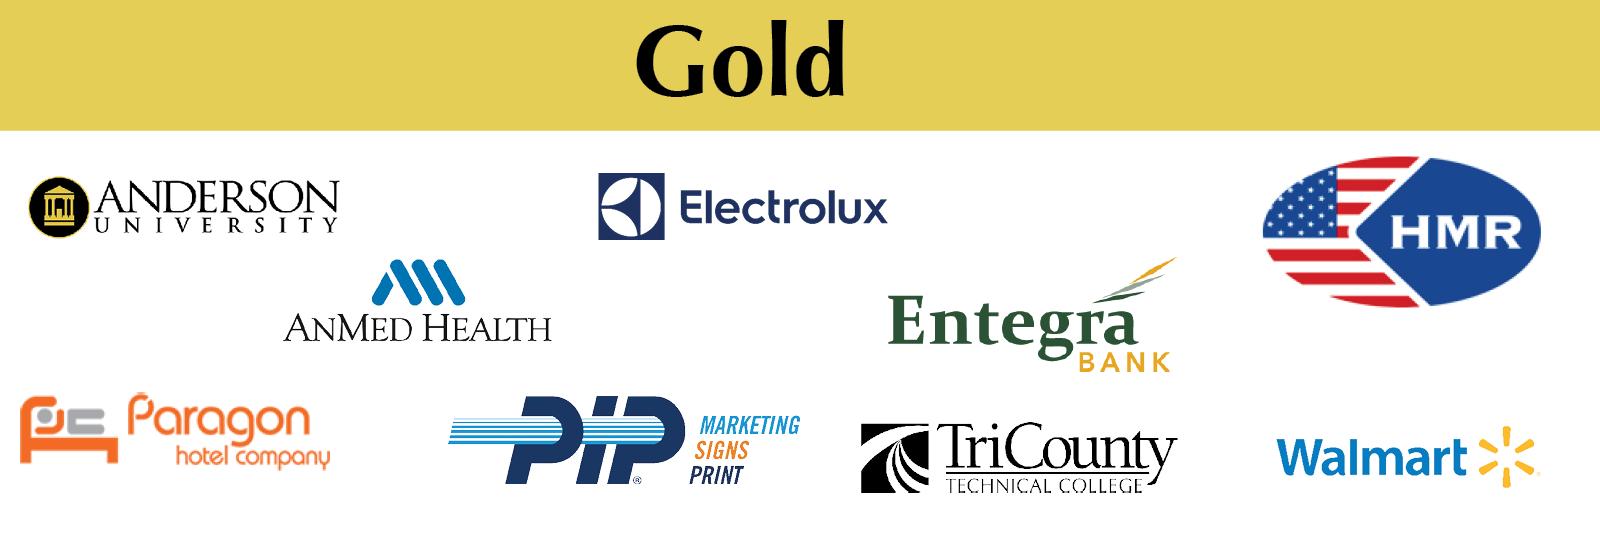 Gold-sponsors-online(1).png